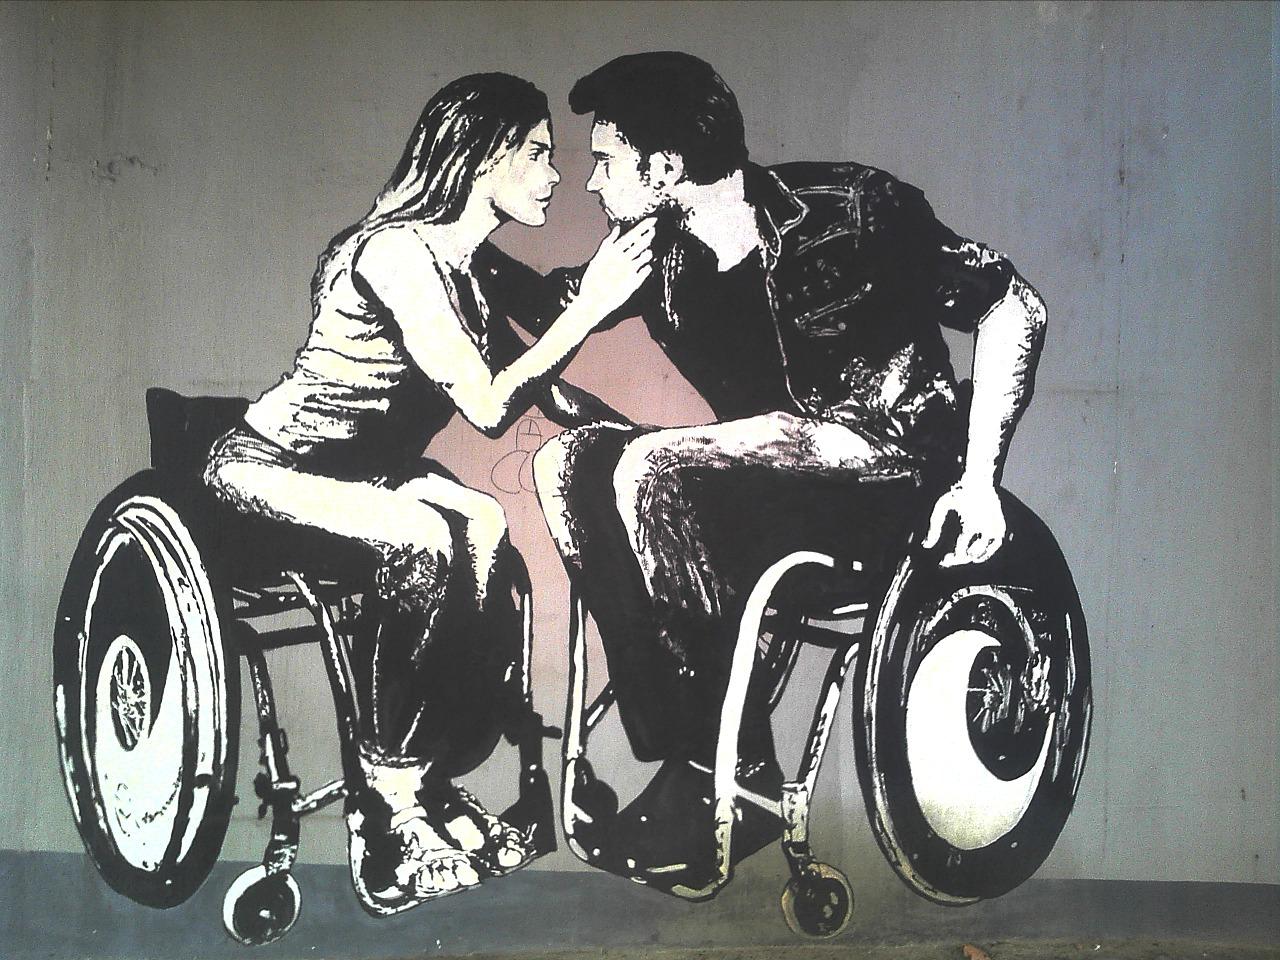 leren handicap dating sites Ventura dating service